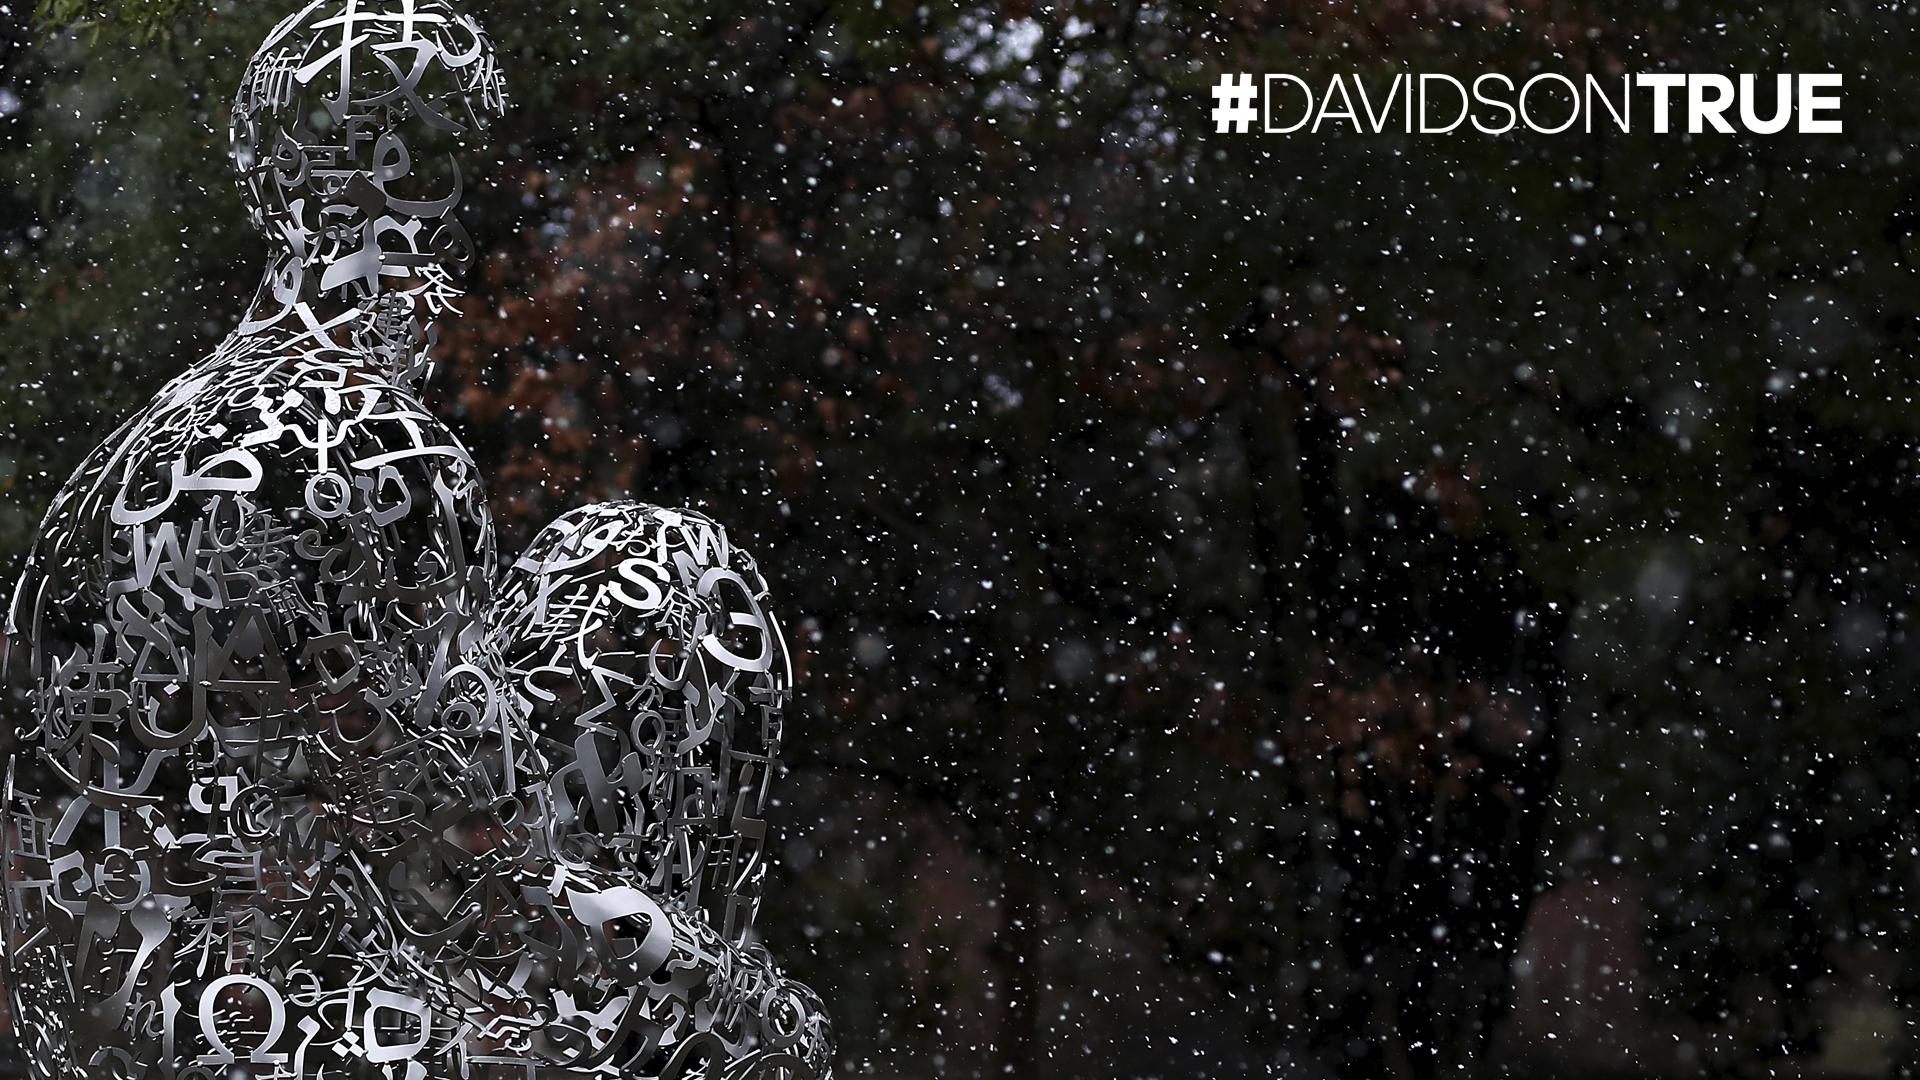 Plensa sculpture and Davidson True wordmark